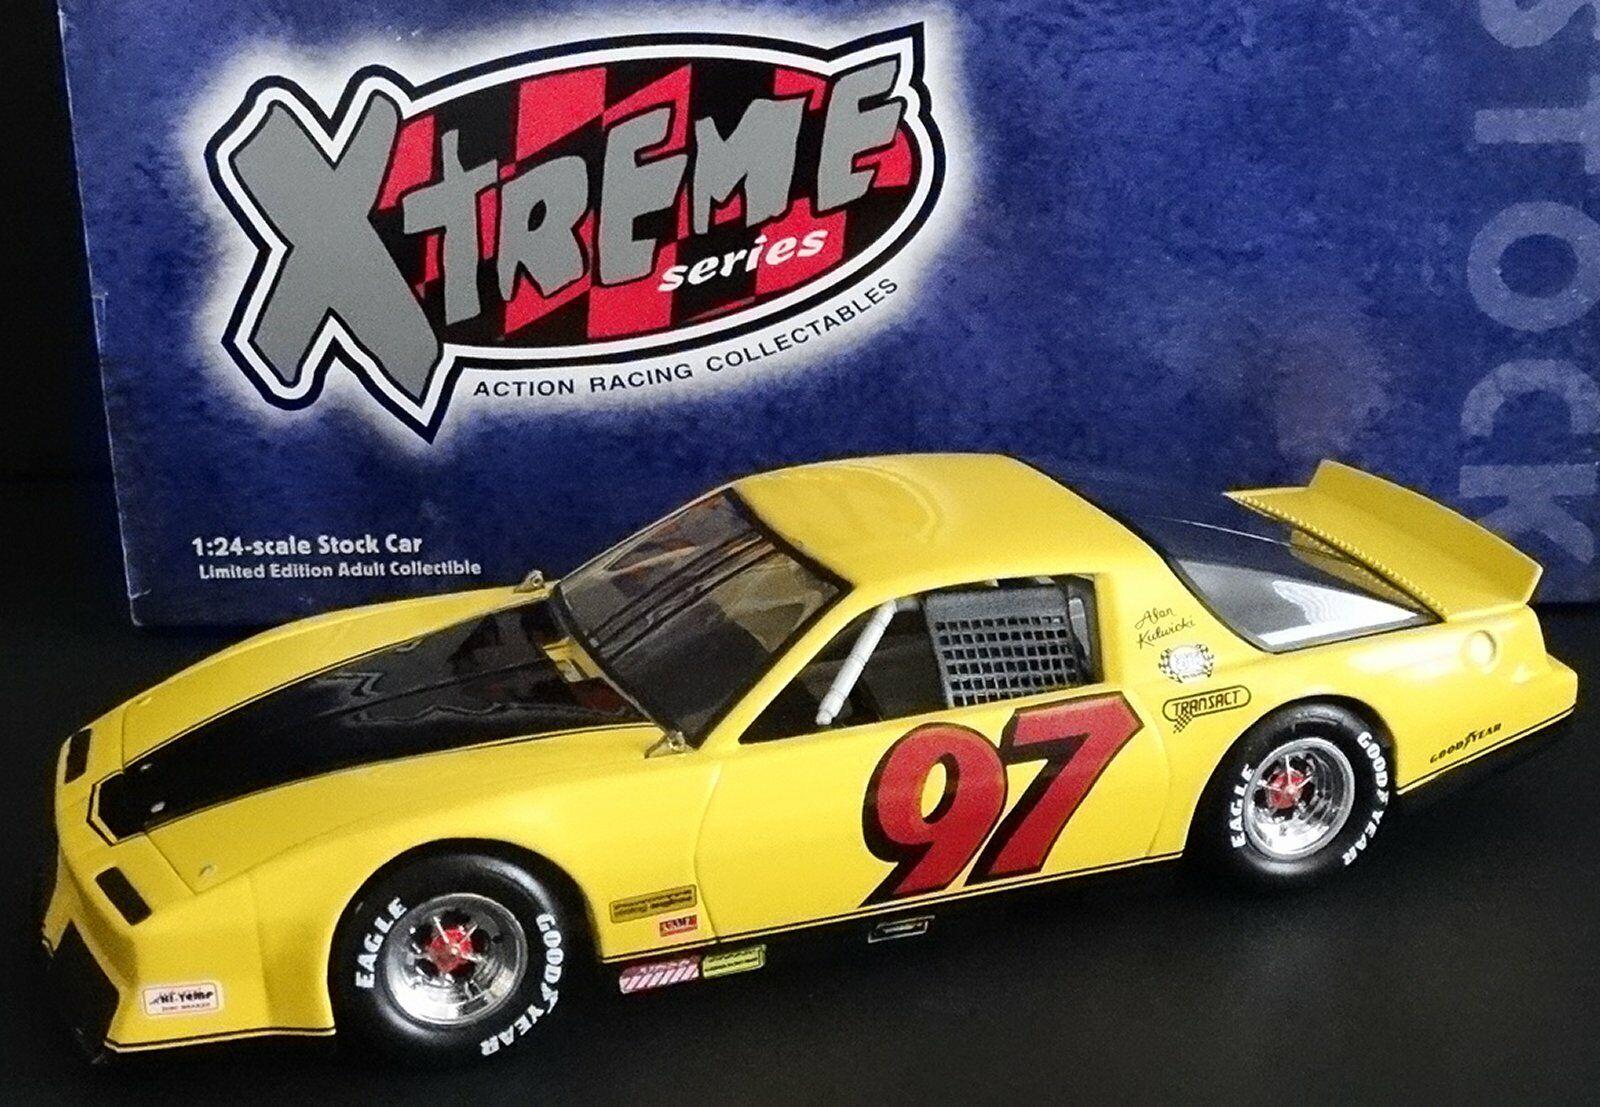 tienda de ventas outlet Alan Kulwicki  97 Projootipo Racing Engines Engines Engines 1 24 Arc 1983 Pontiac Firebird Xtreme  A la venta con descuento del 70%.